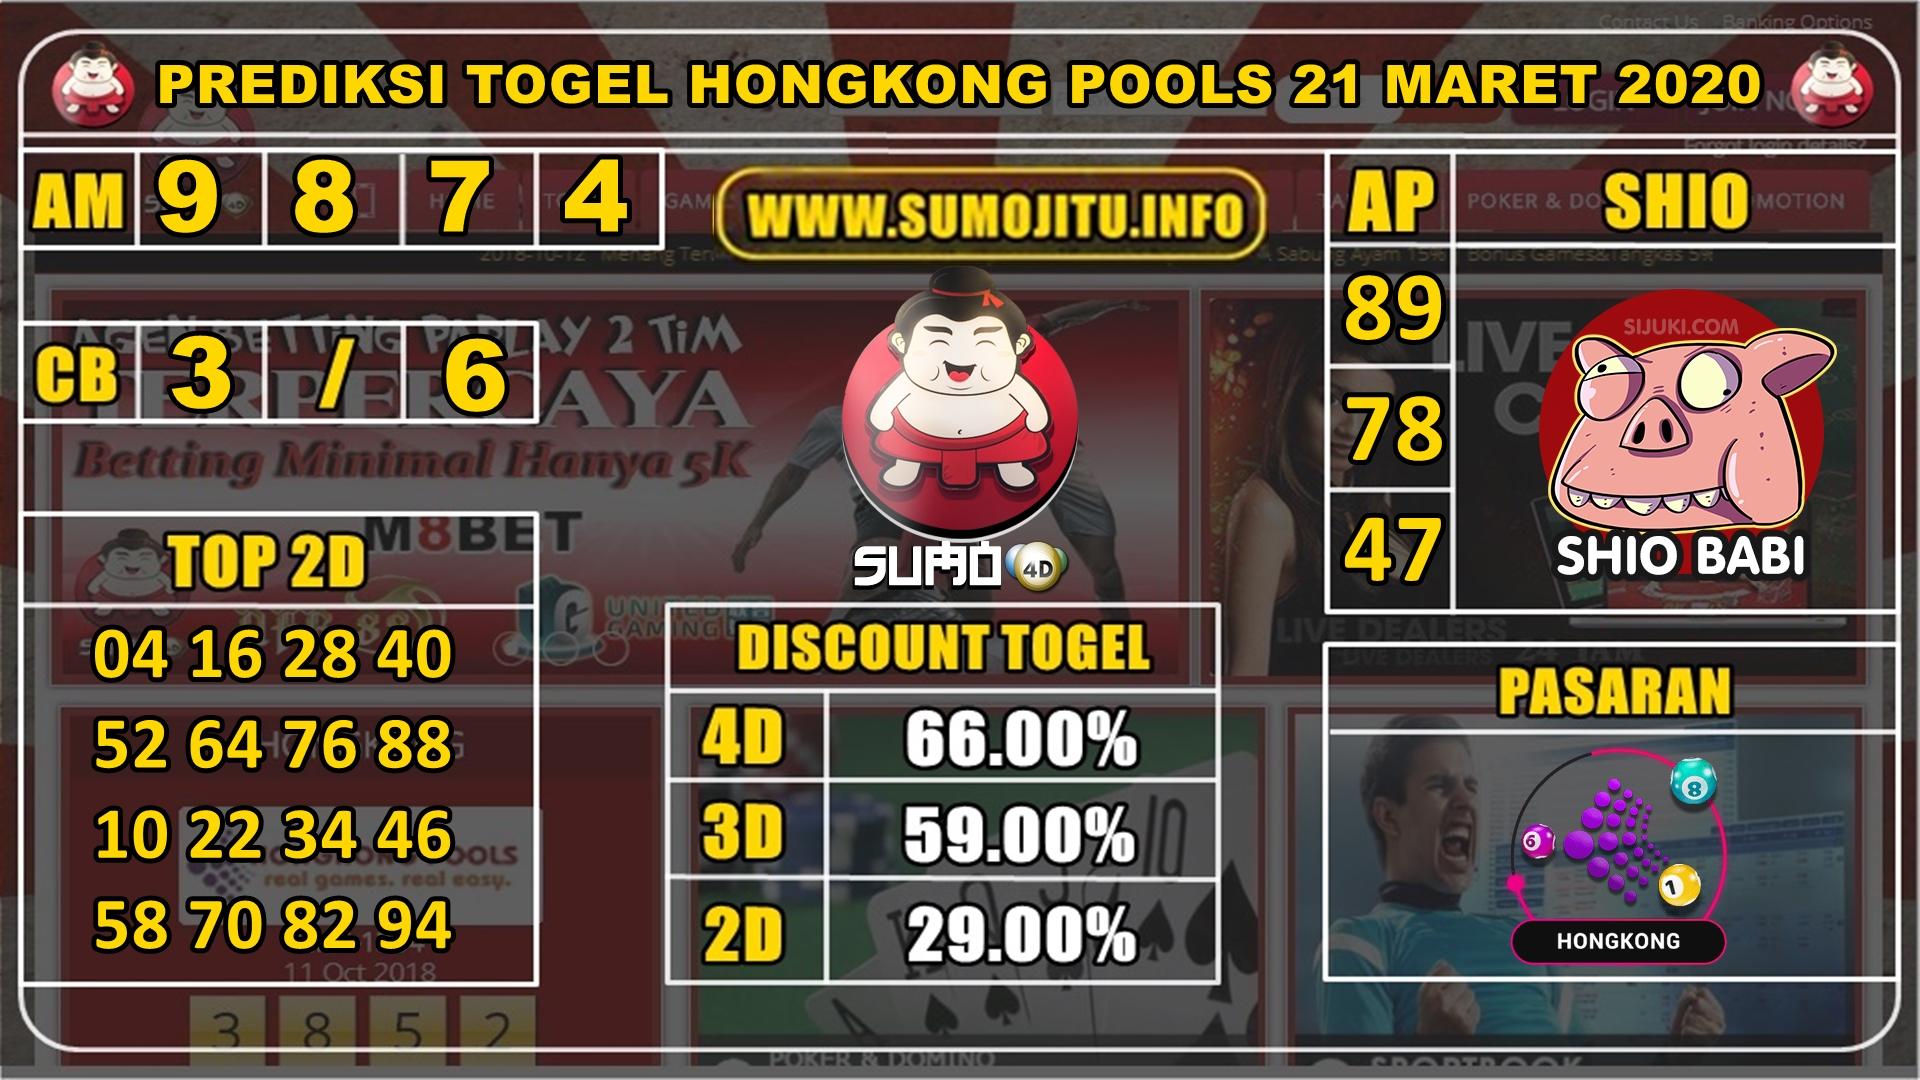 PREDIKSI TOGEL HONGKONG POOLS 21 MARET 2020